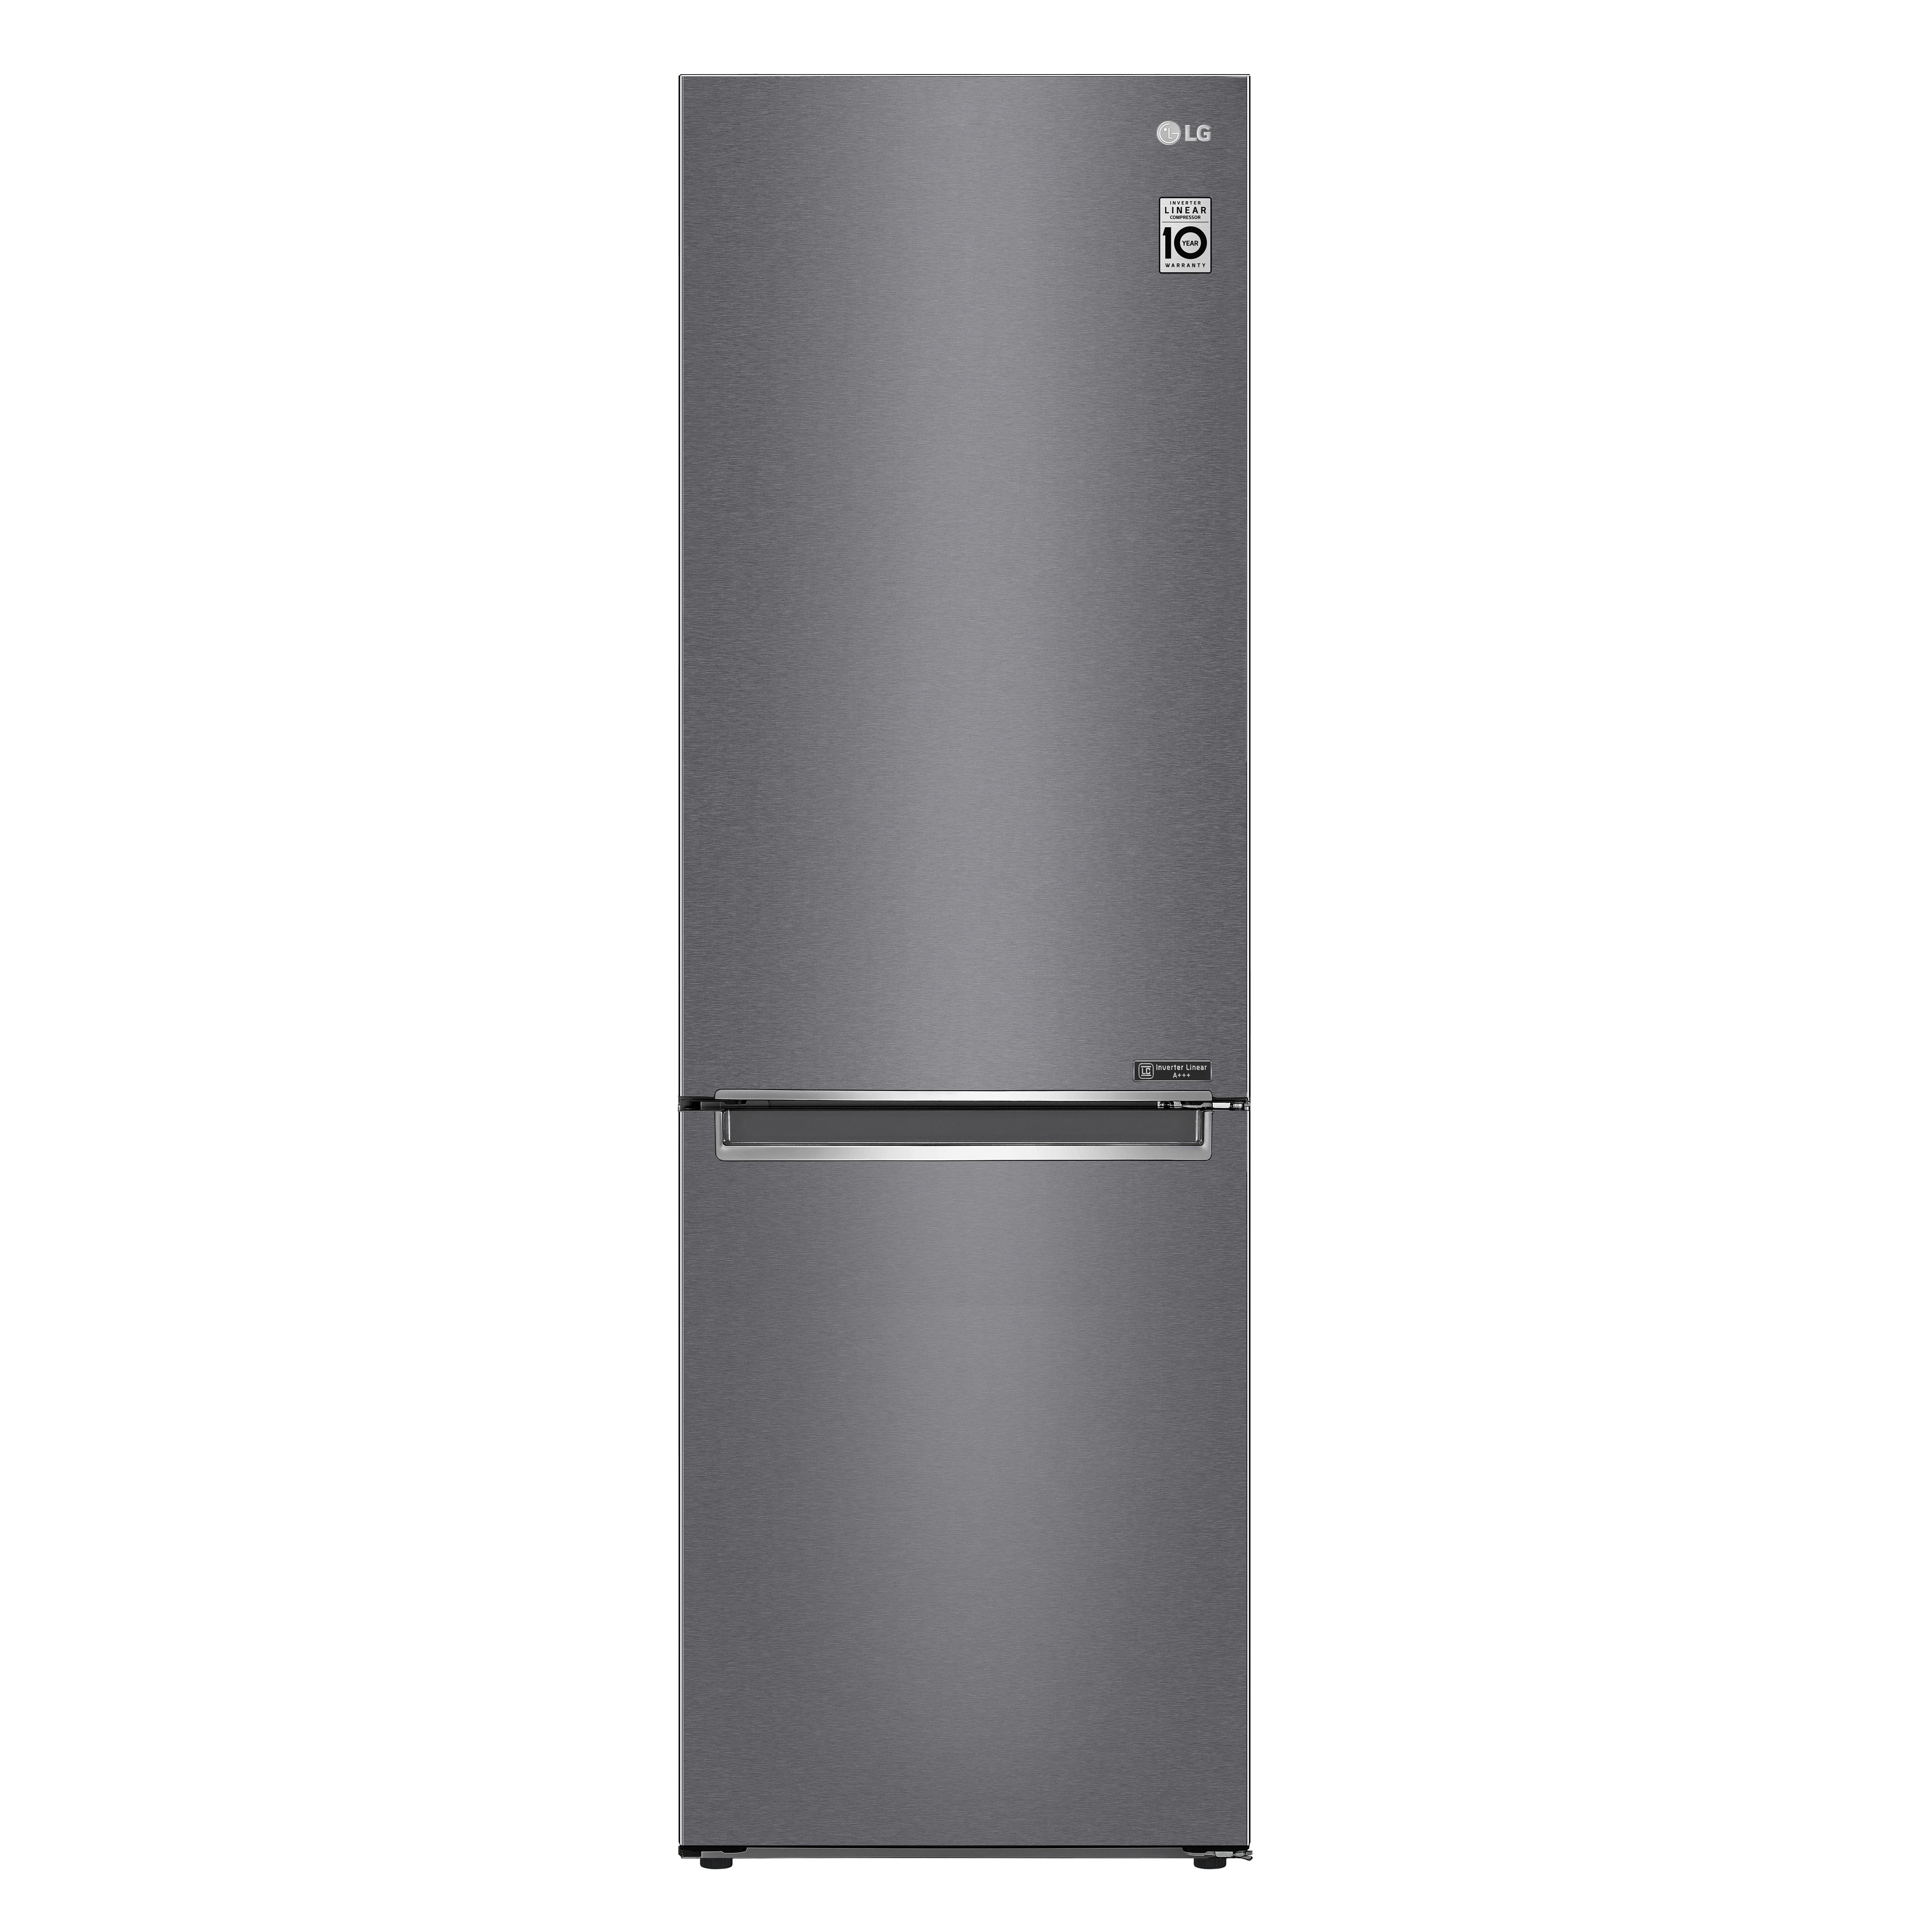 LG GBP62DSNFN koelkast met vriesvak